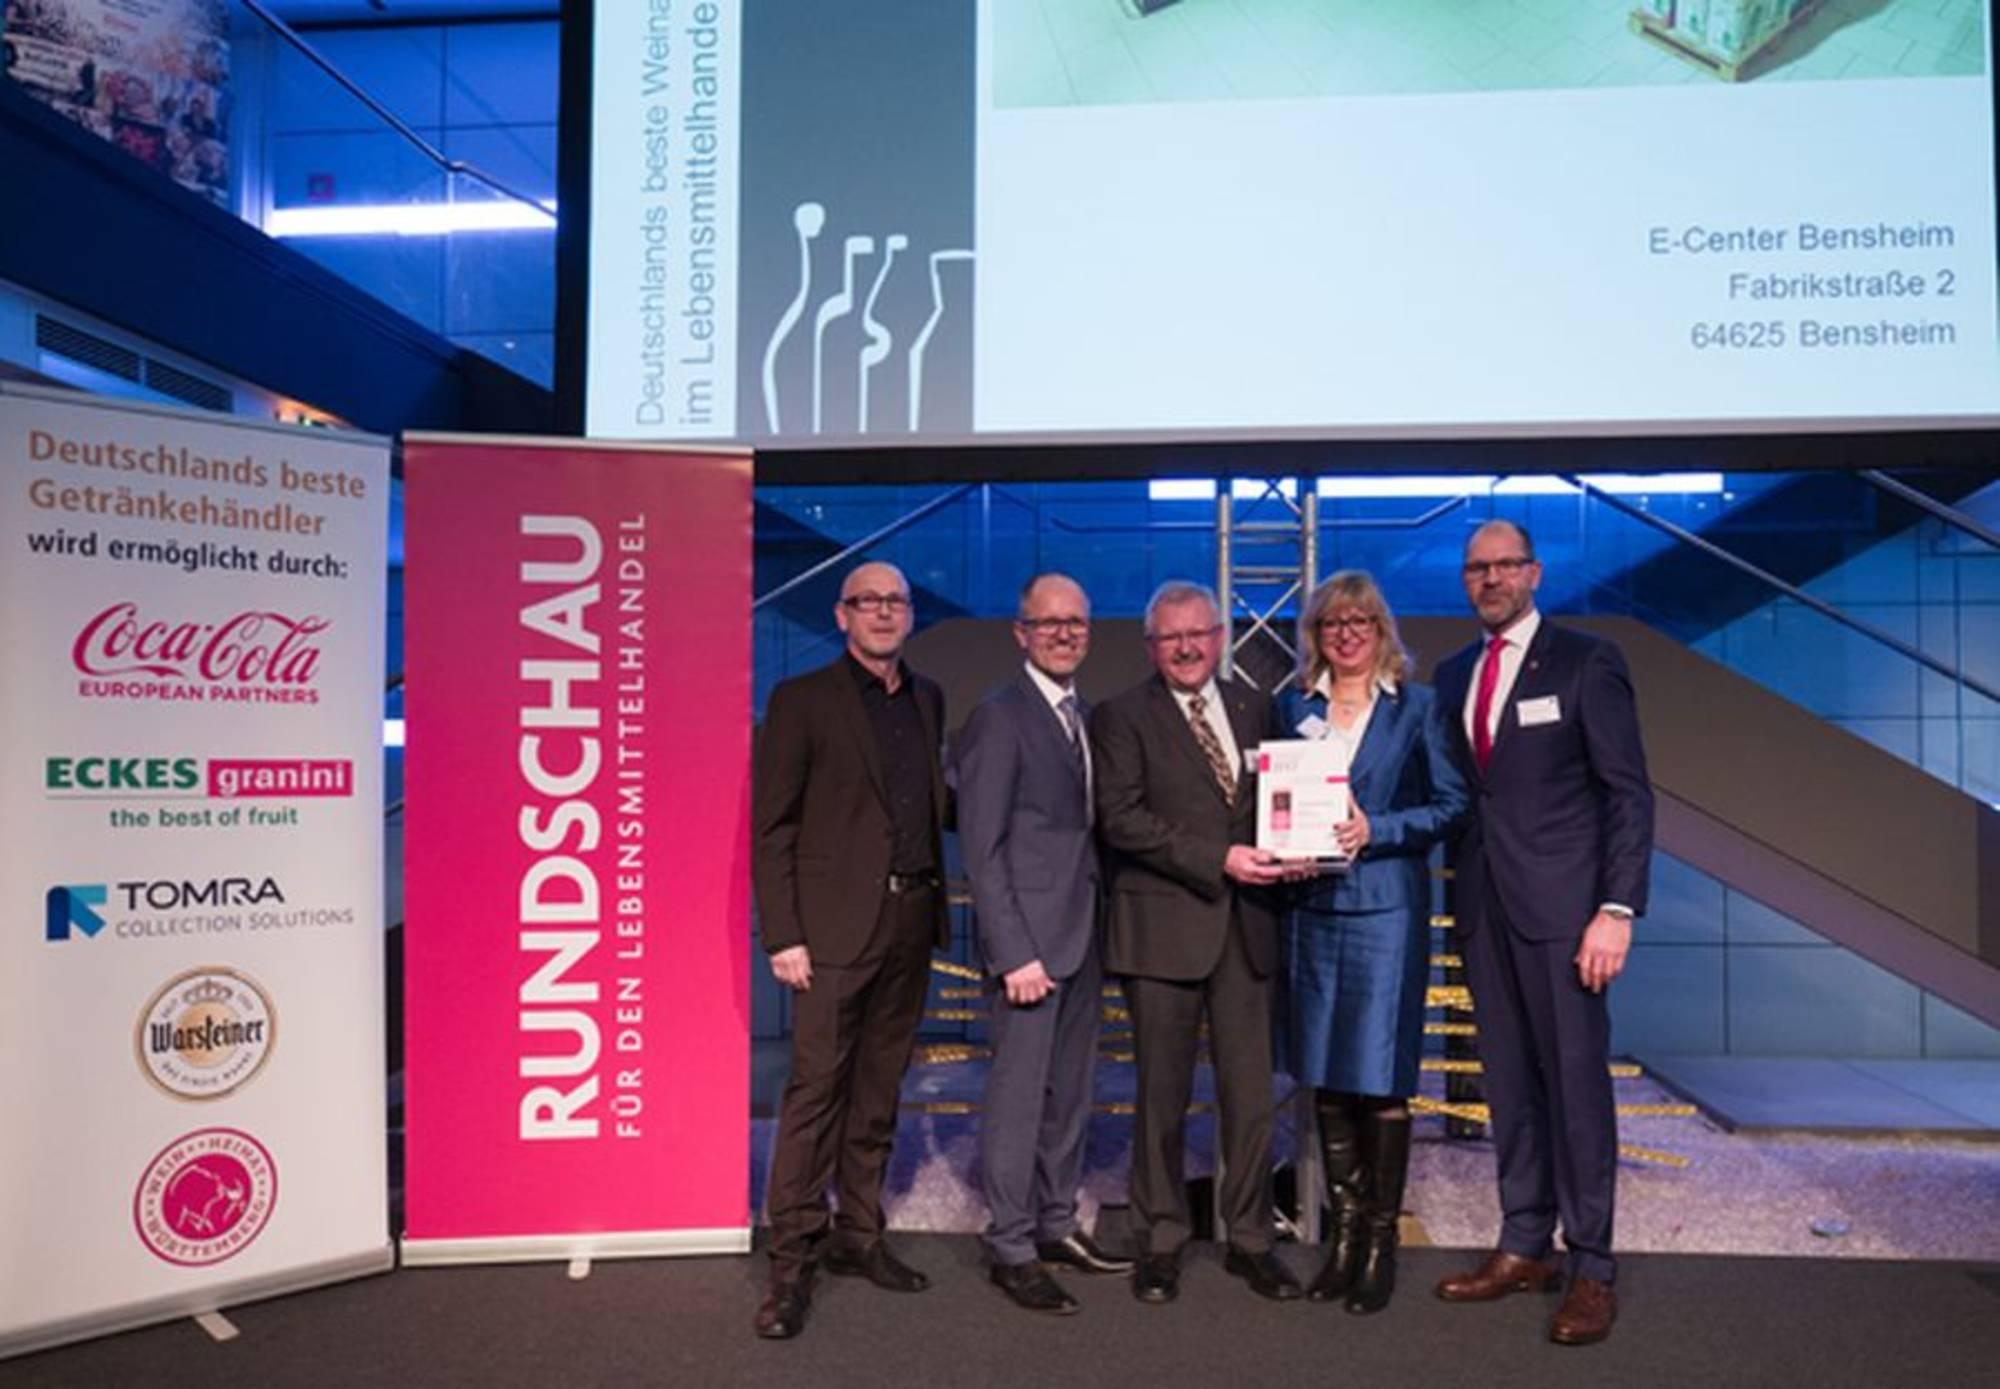 Deutschlands beste Getränkehändler - Gewinner 2017: rundschau.de